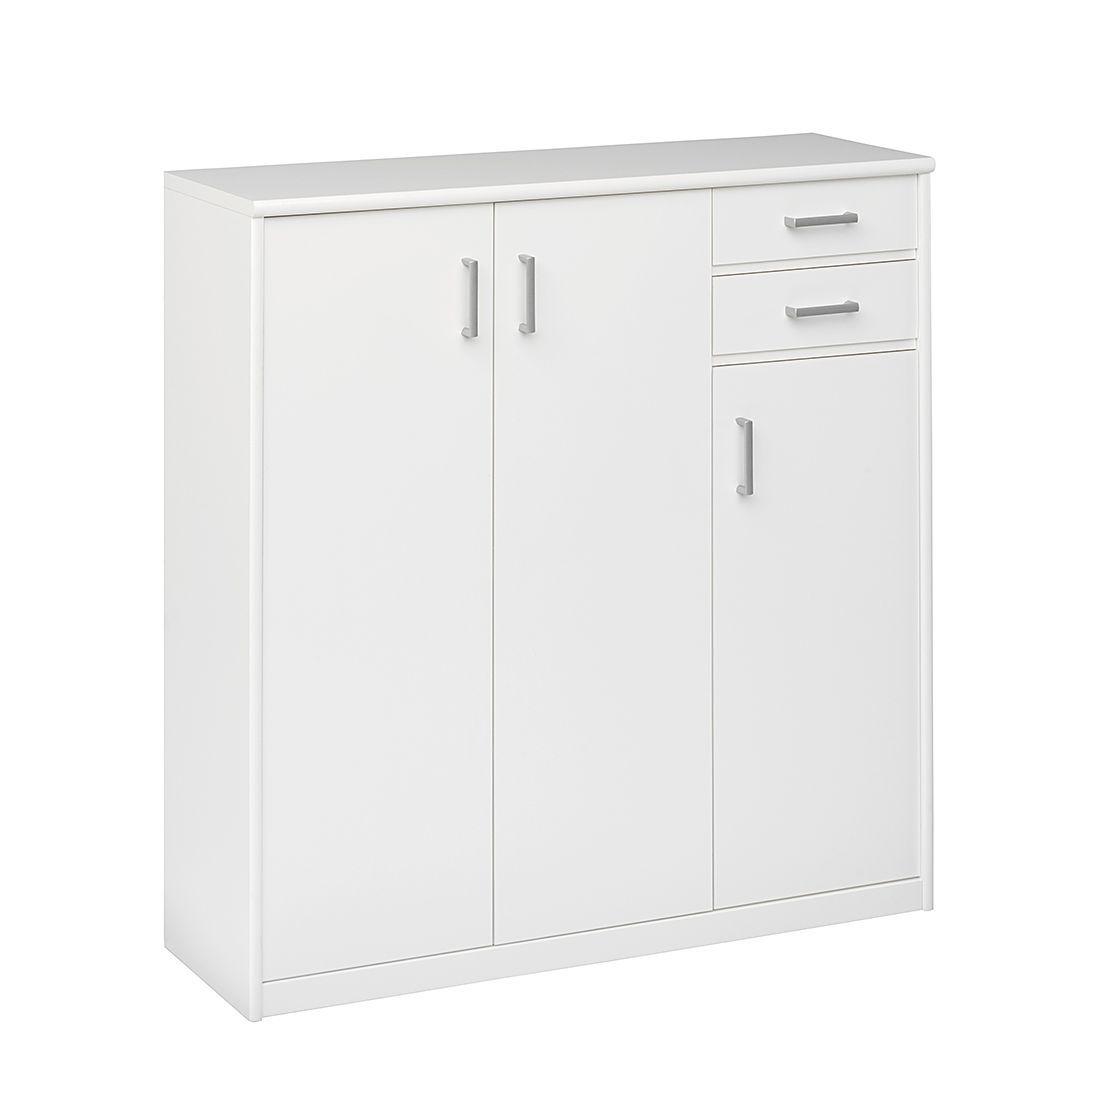 Hochkommode Soft Plus III   Weiß, Cs Schmal Jetzt Bestellen Unter: Https:// Moebel.ladendirekt.de/wohnzimmer/schraenke/highboards/?uidu003dfbc02d67 3e43 5262   ...